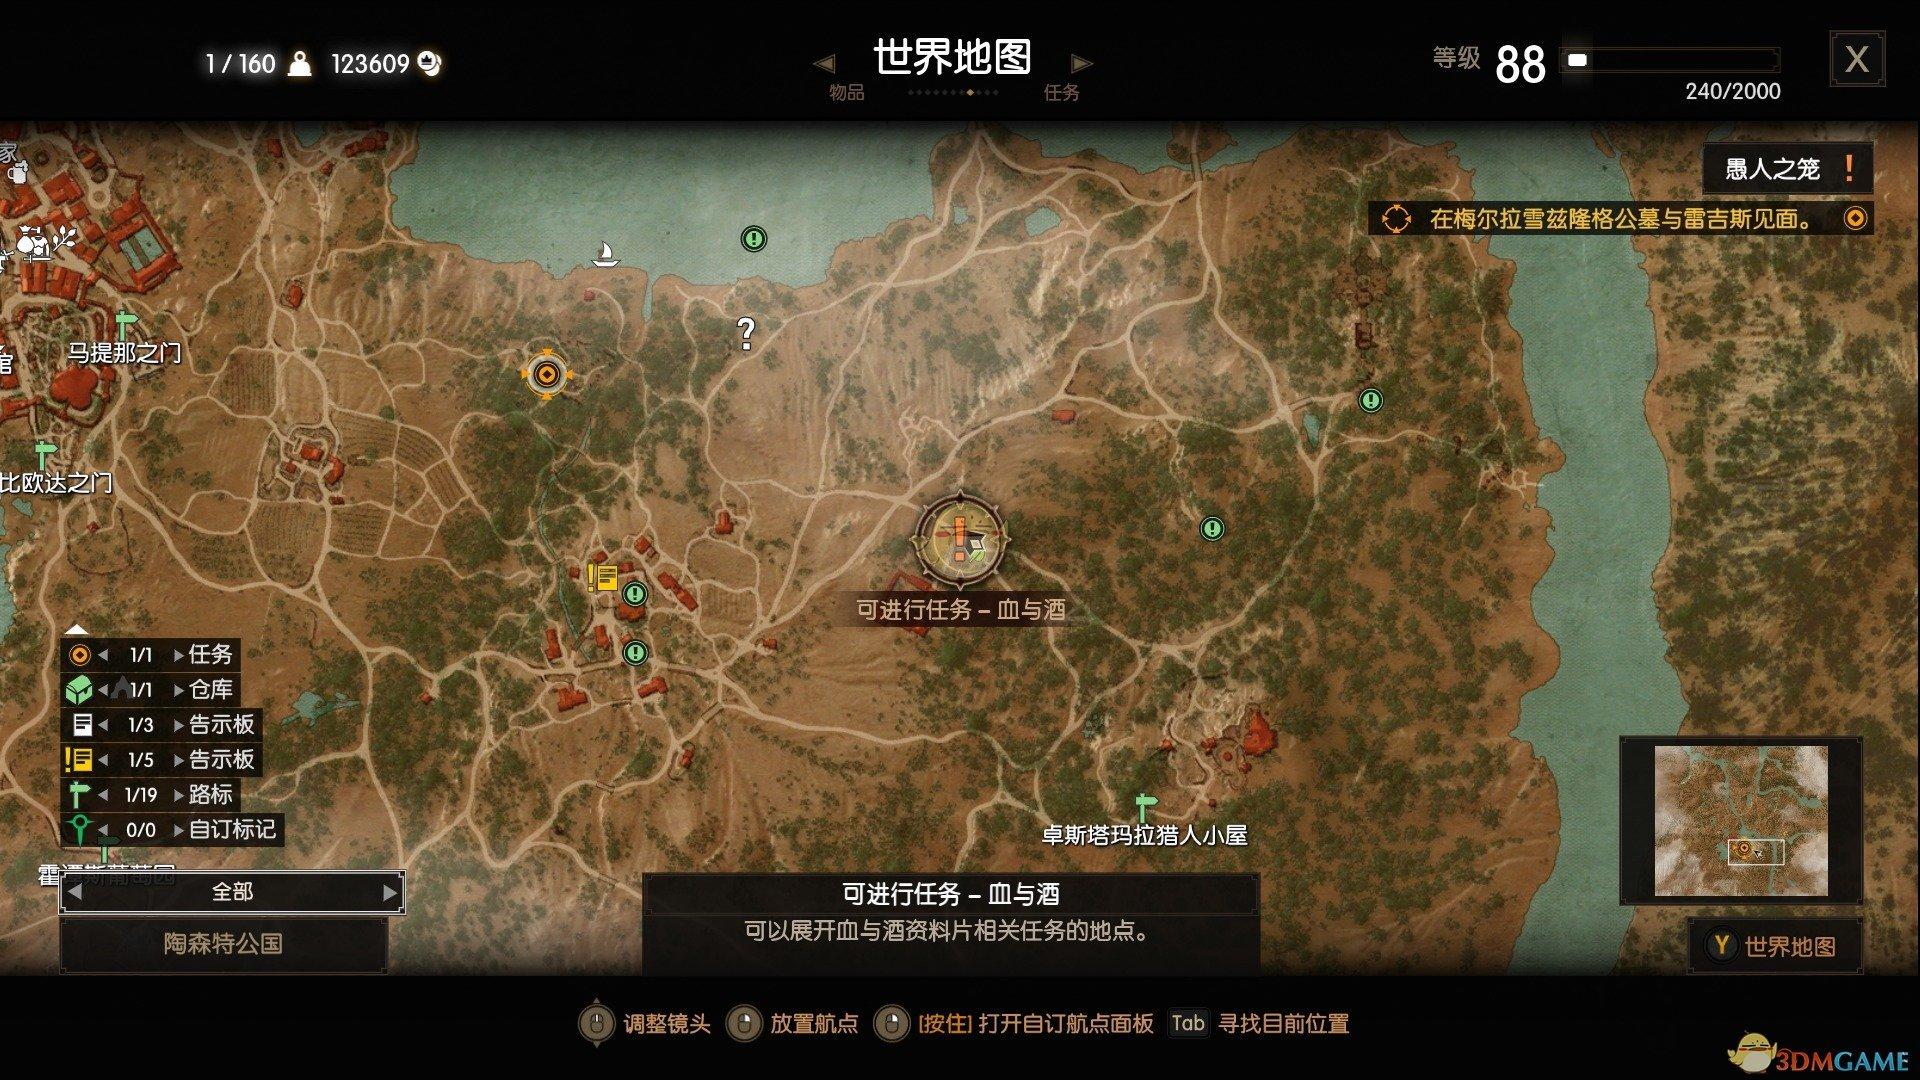 《巫师3:狂猎》终极模仿秀任务攻略分享